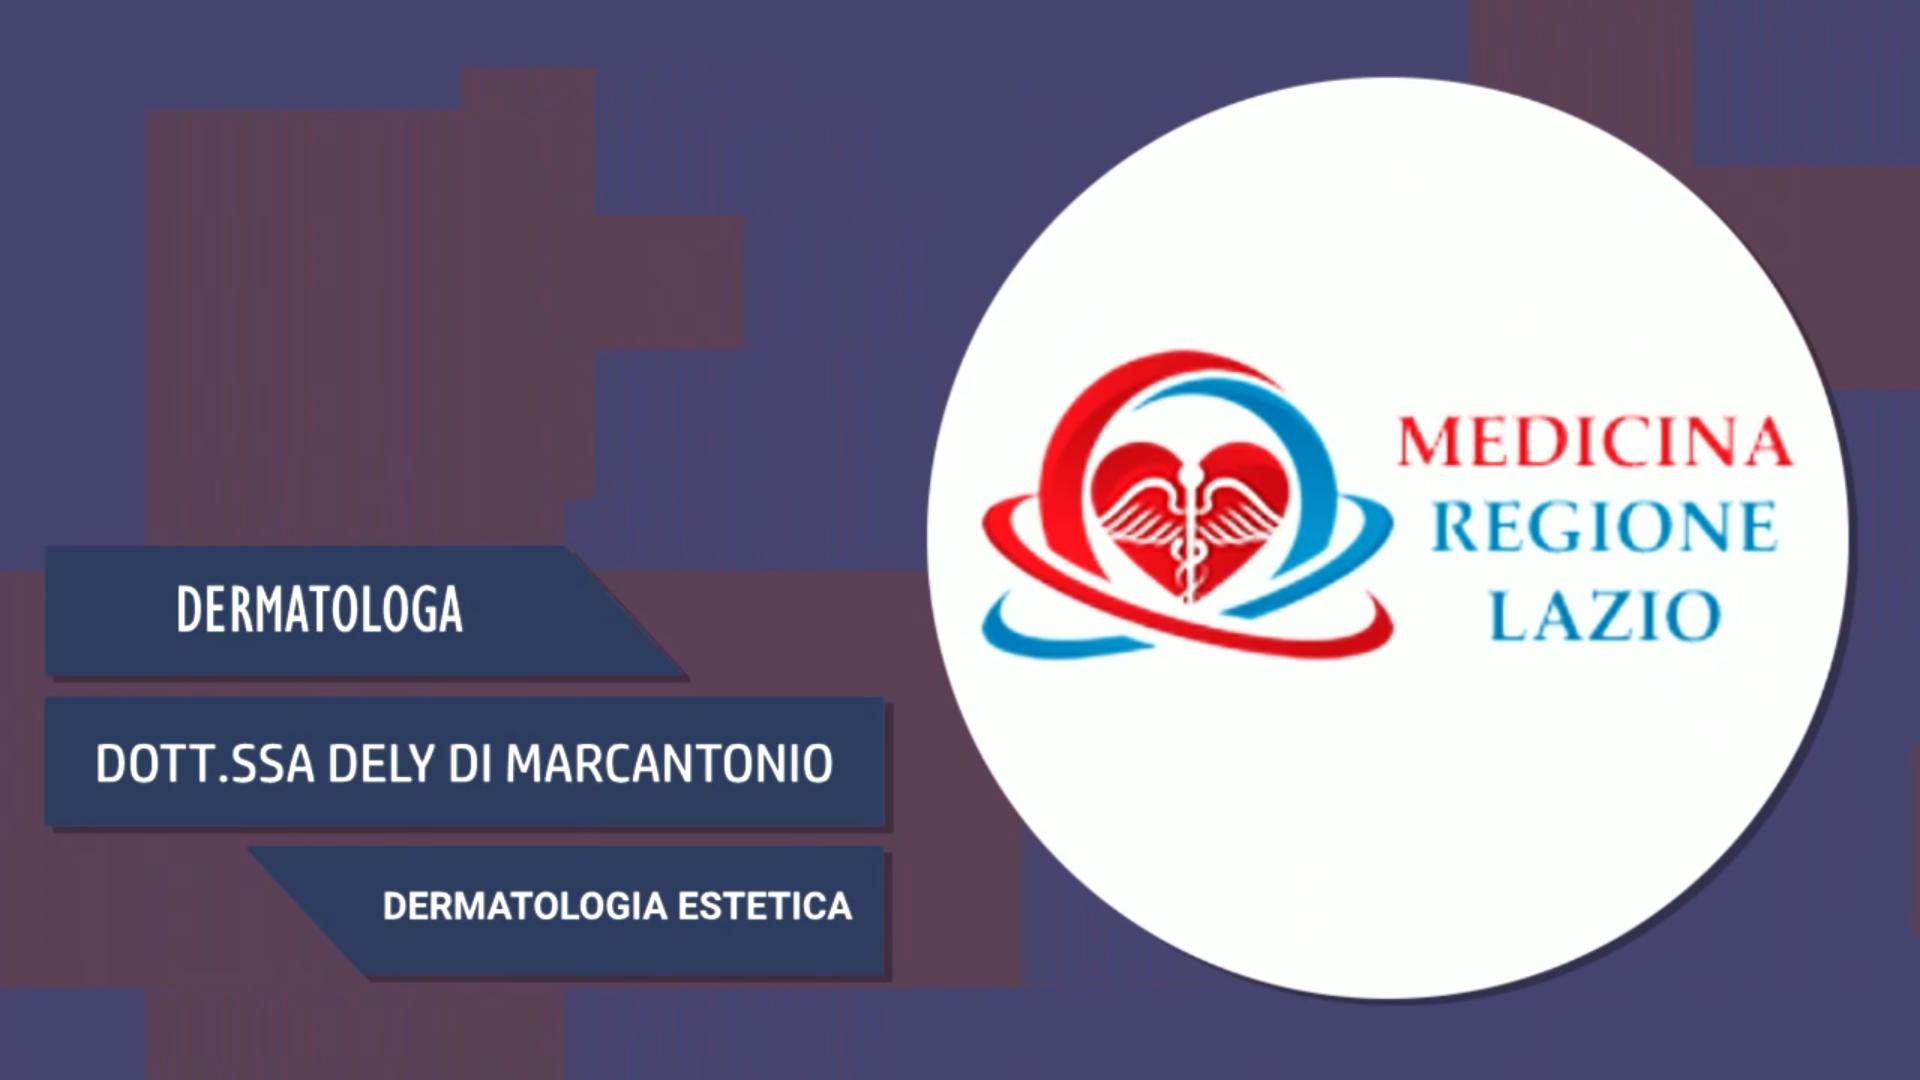 Intervista alla Dott.ssa Dely Di Marcantonio – Dermatologia Estetica